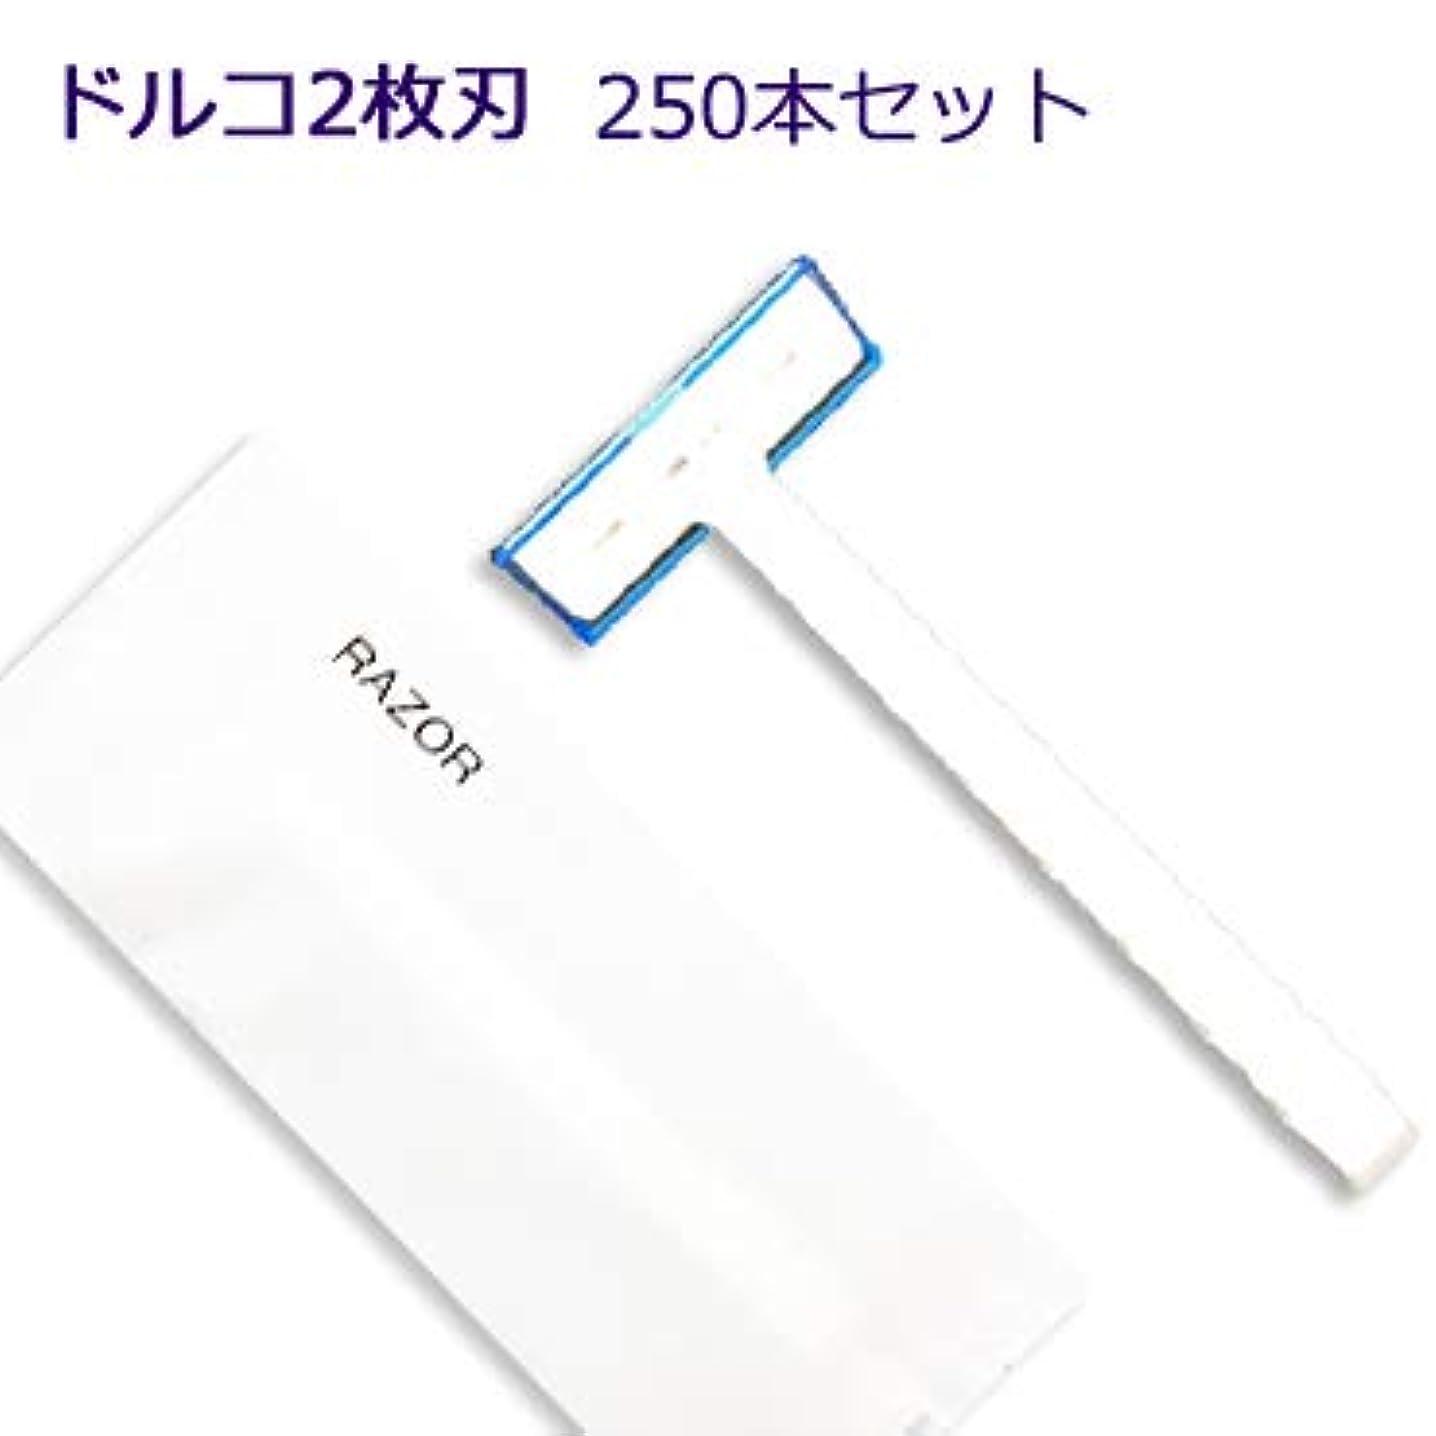 補う鳥肝ホテル業務用 カミソリ マットシリーズ ドルコ 2枚刃 (1セット250本入)